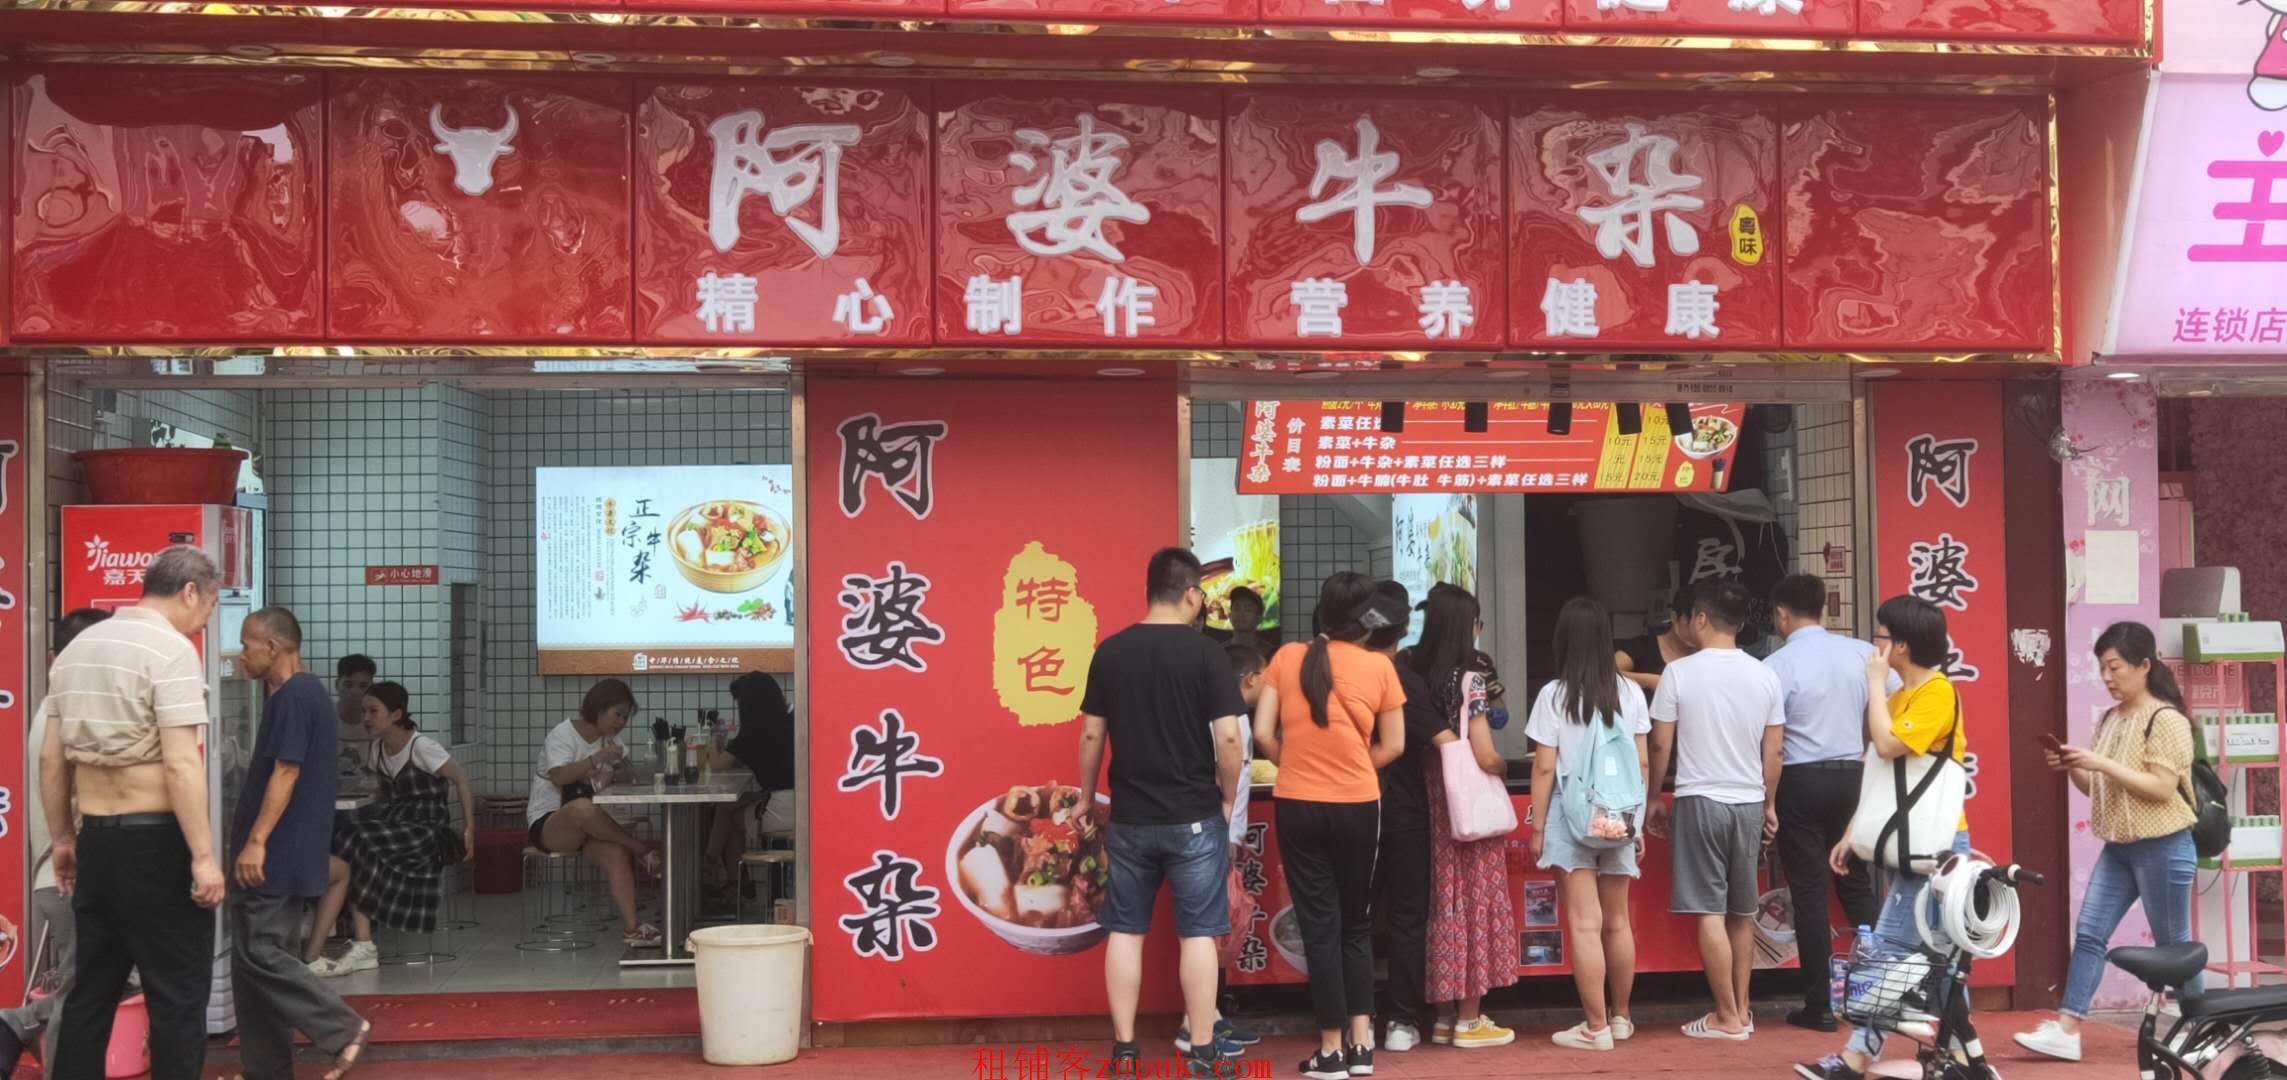 昌岗,街1楼小吃店人超多可个种餐饮饭食,生意好做租金低